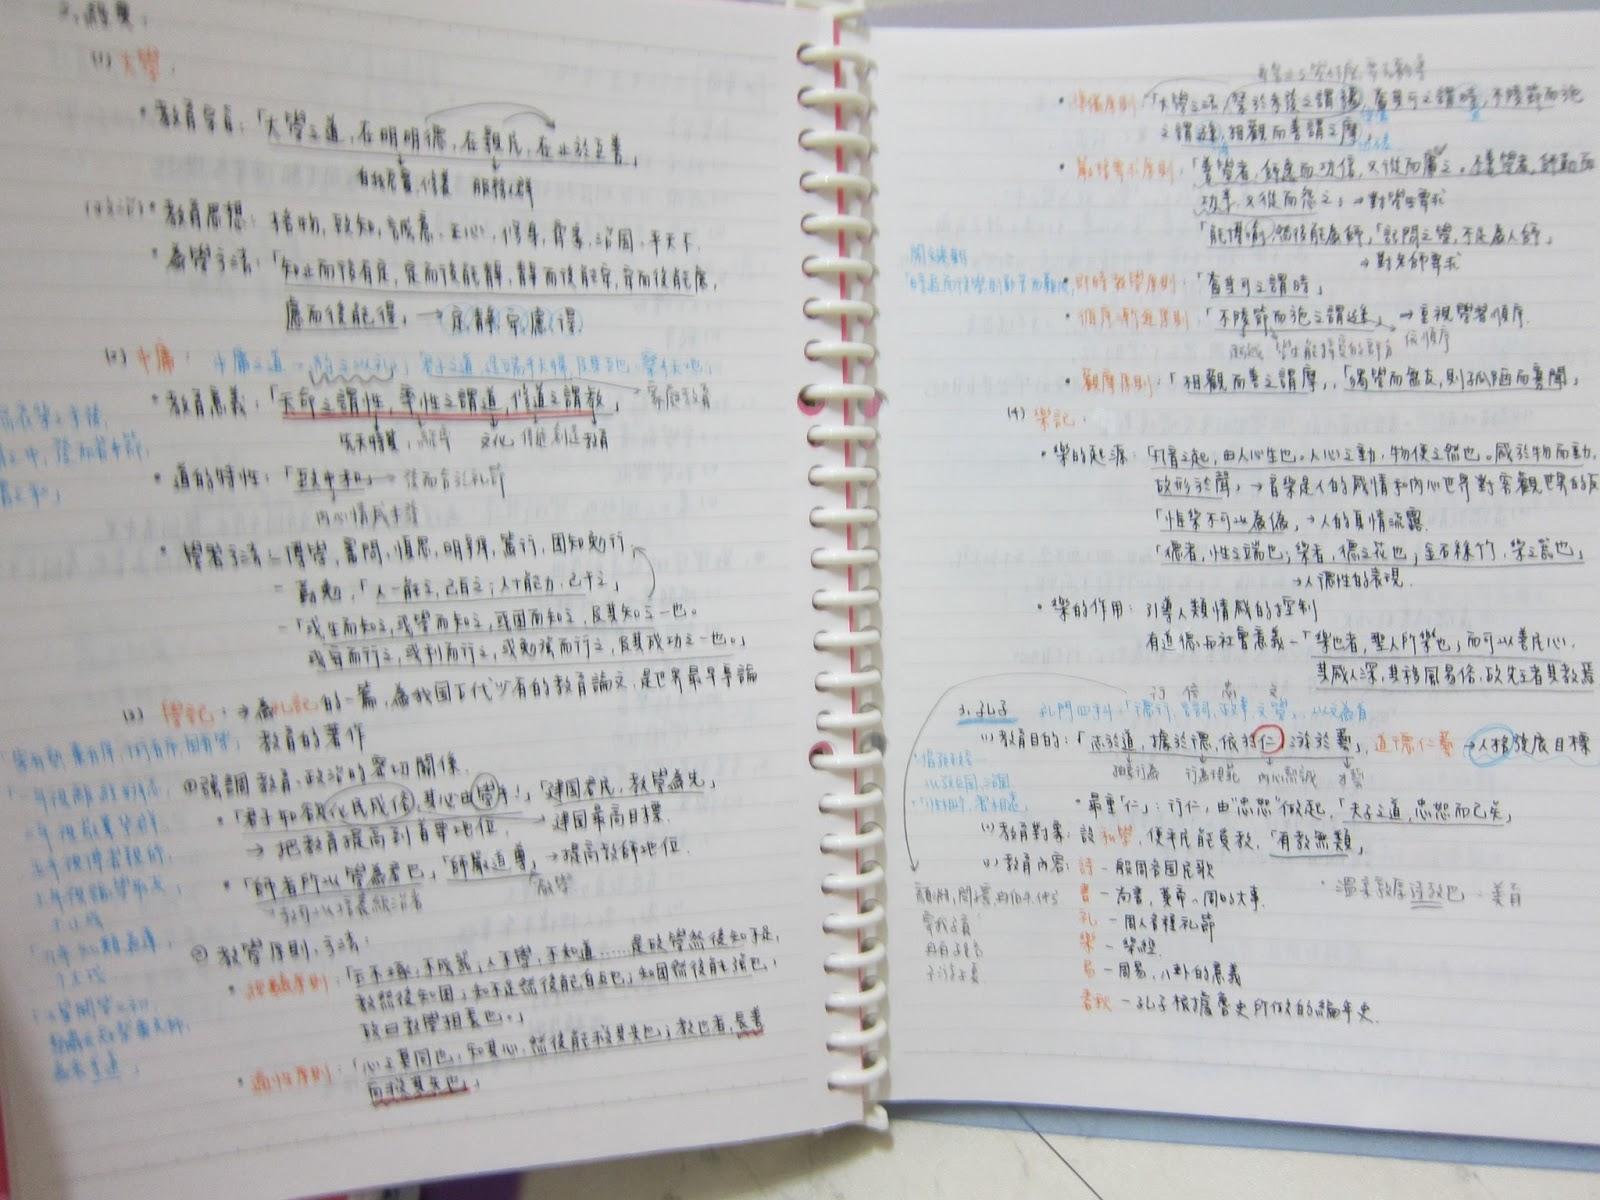 Meng-Hsuan's blog: 我要成為國小音樂老師Step 4-1:念了很多書,筆記該怎麼整理呢?